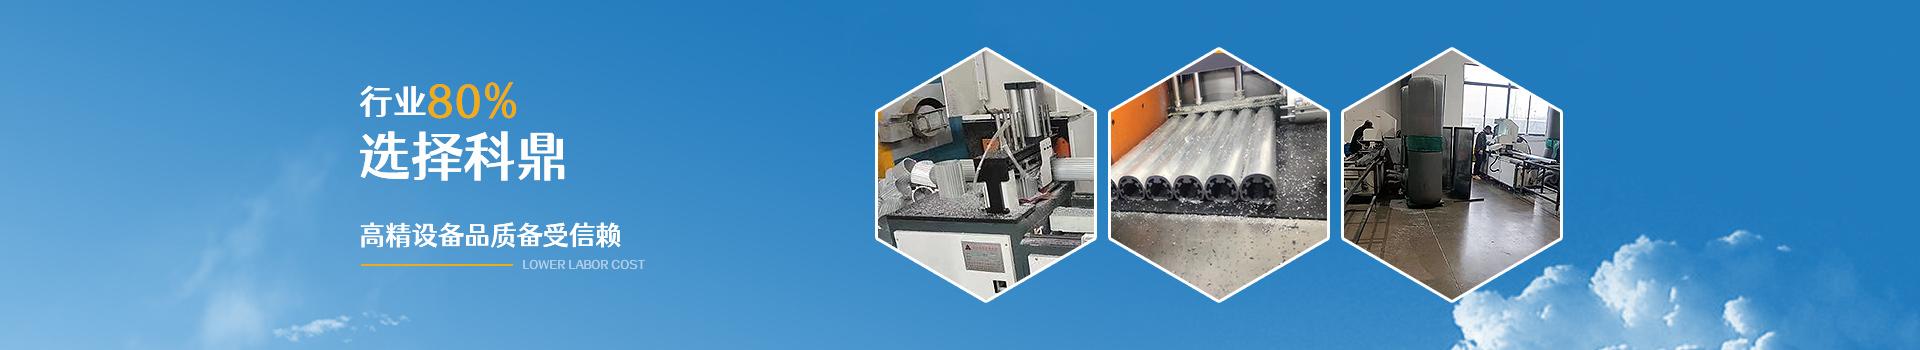 科鼎数控行业80%选择高精设备品质备受信赖